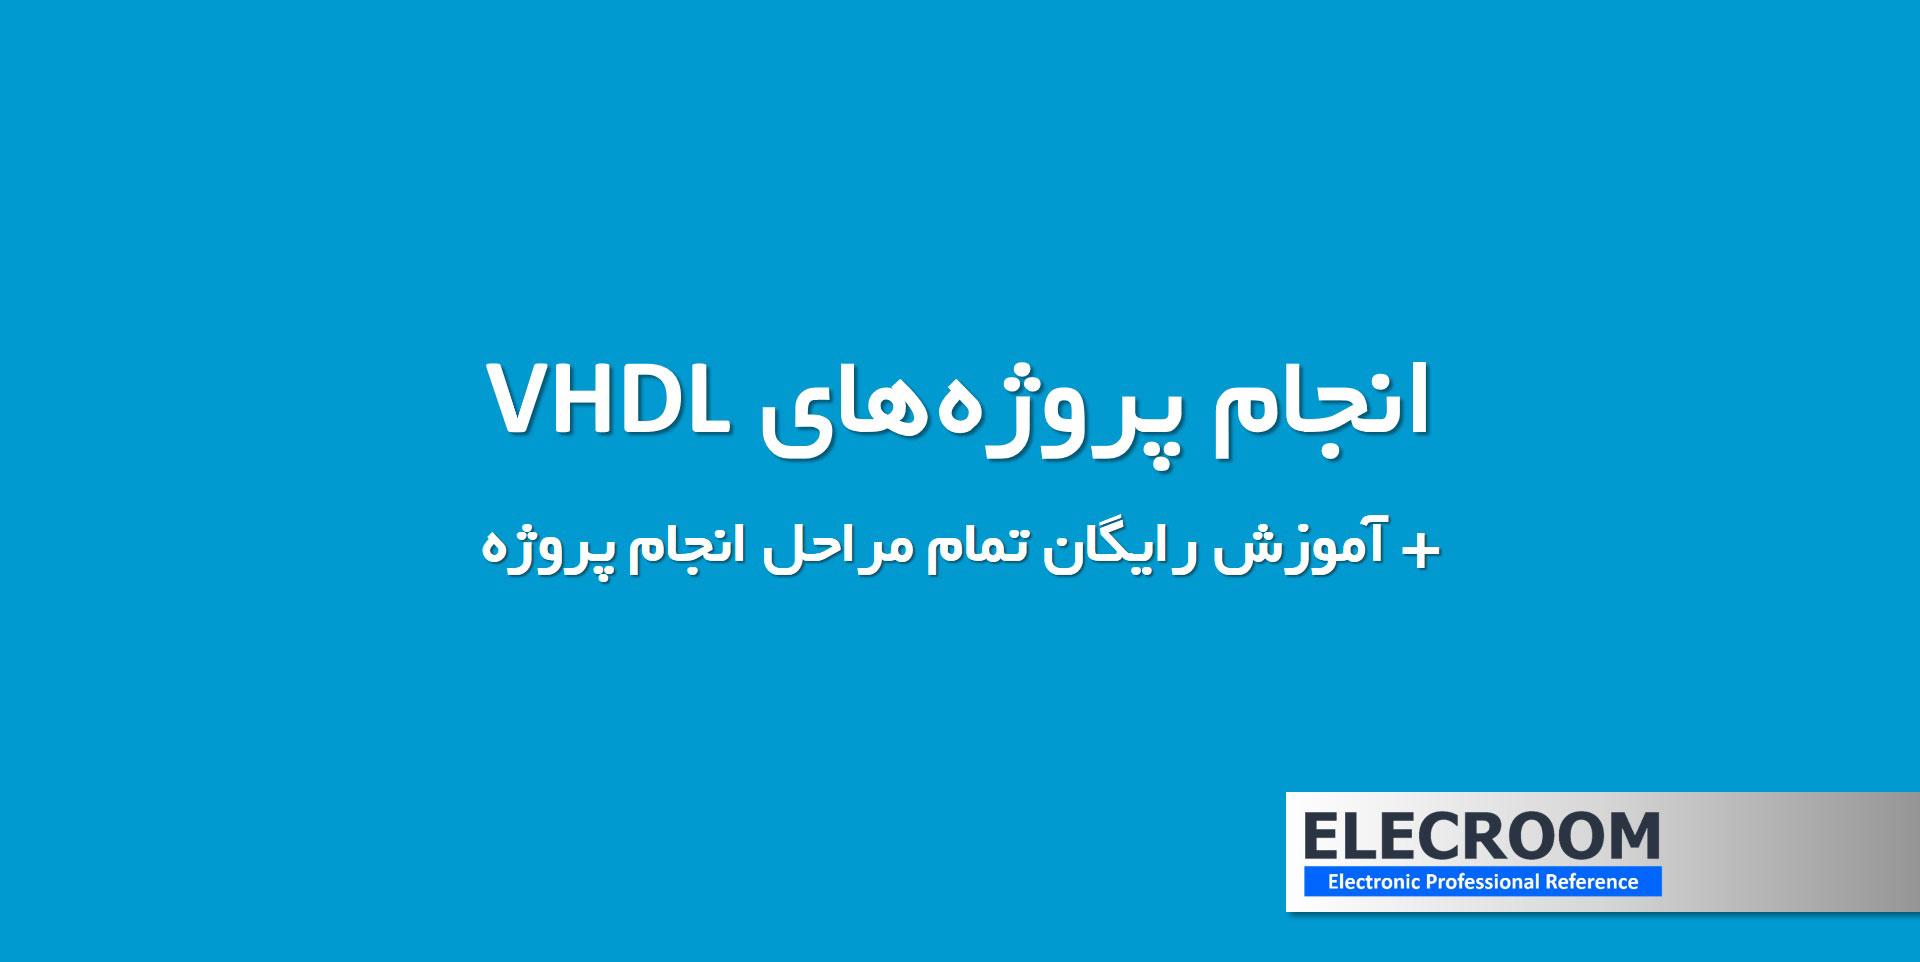 انجام پروژه های VHDL با آموزش رایگان